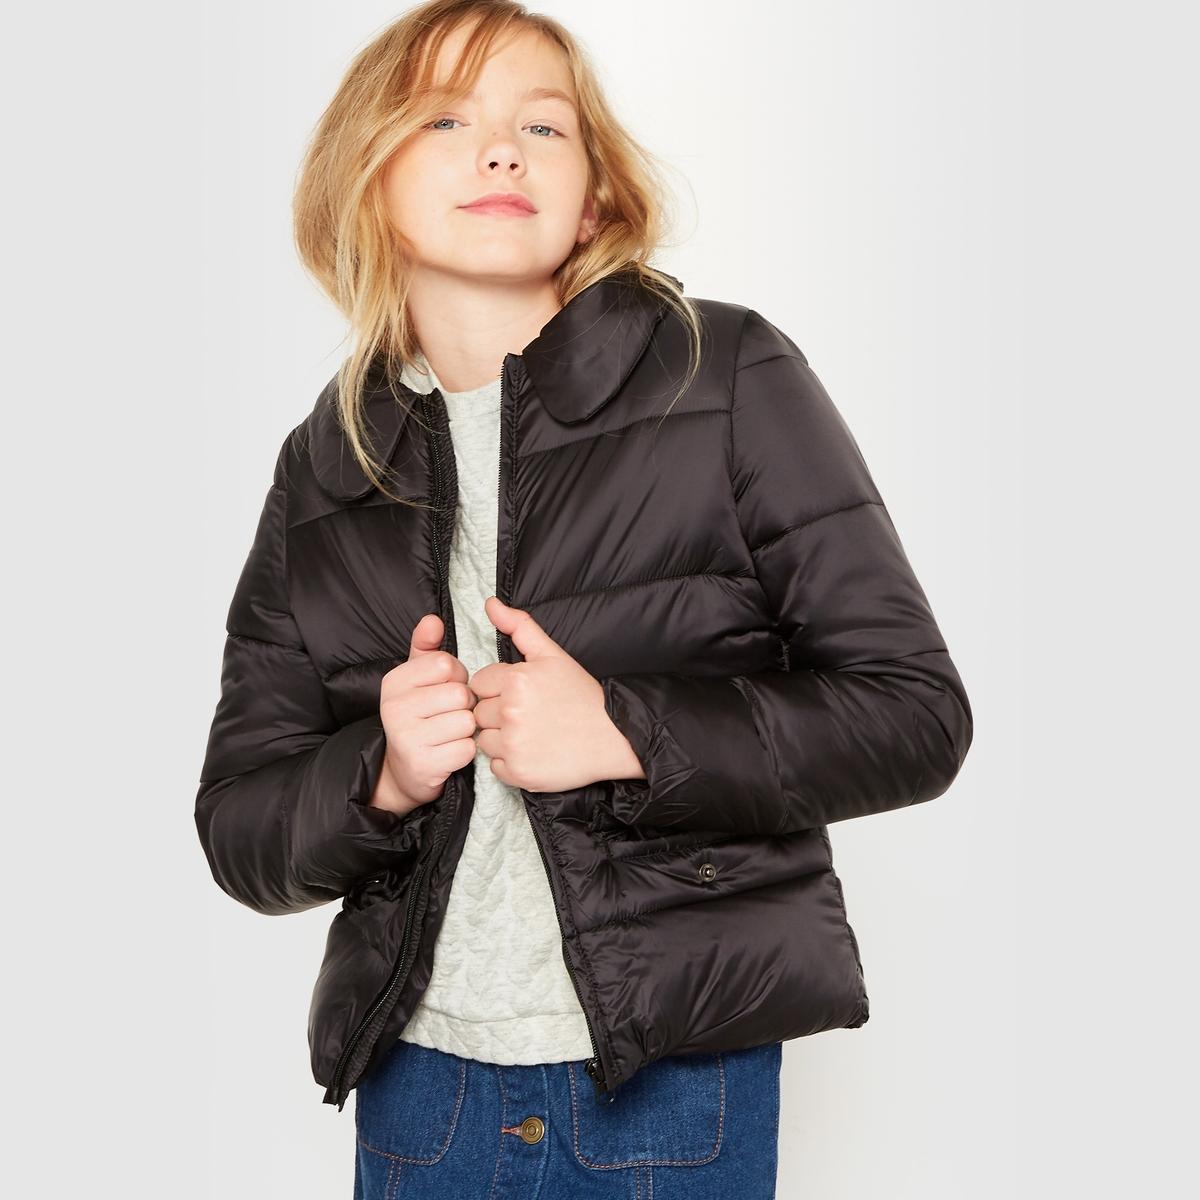 Куртка стёганая, лёгкая, с отложным воротником,  10-16 летЛегкая стеганая куртка на тонком ватине и с водоотталкивающей пропиткой.  Прямой покрой. Закругленный отложной воротник. Застежка на молнию. 2 передних кармана с клапаном на кнопках .                                Состав и описание :                       Материал:         100% полиамид.                      Подкладка     100% полиэстер                      Наполнитель: 100% полиэстер                     Марка         R essentiel                                             Уход :                      Машинная стирка при 30 °C с вещами схожих цветов.                      Стирать и сушить с изнанки.                      Машинная сушка на умеренном режиме.                      Не гладить.<br><br>Цвет: розовый,черный